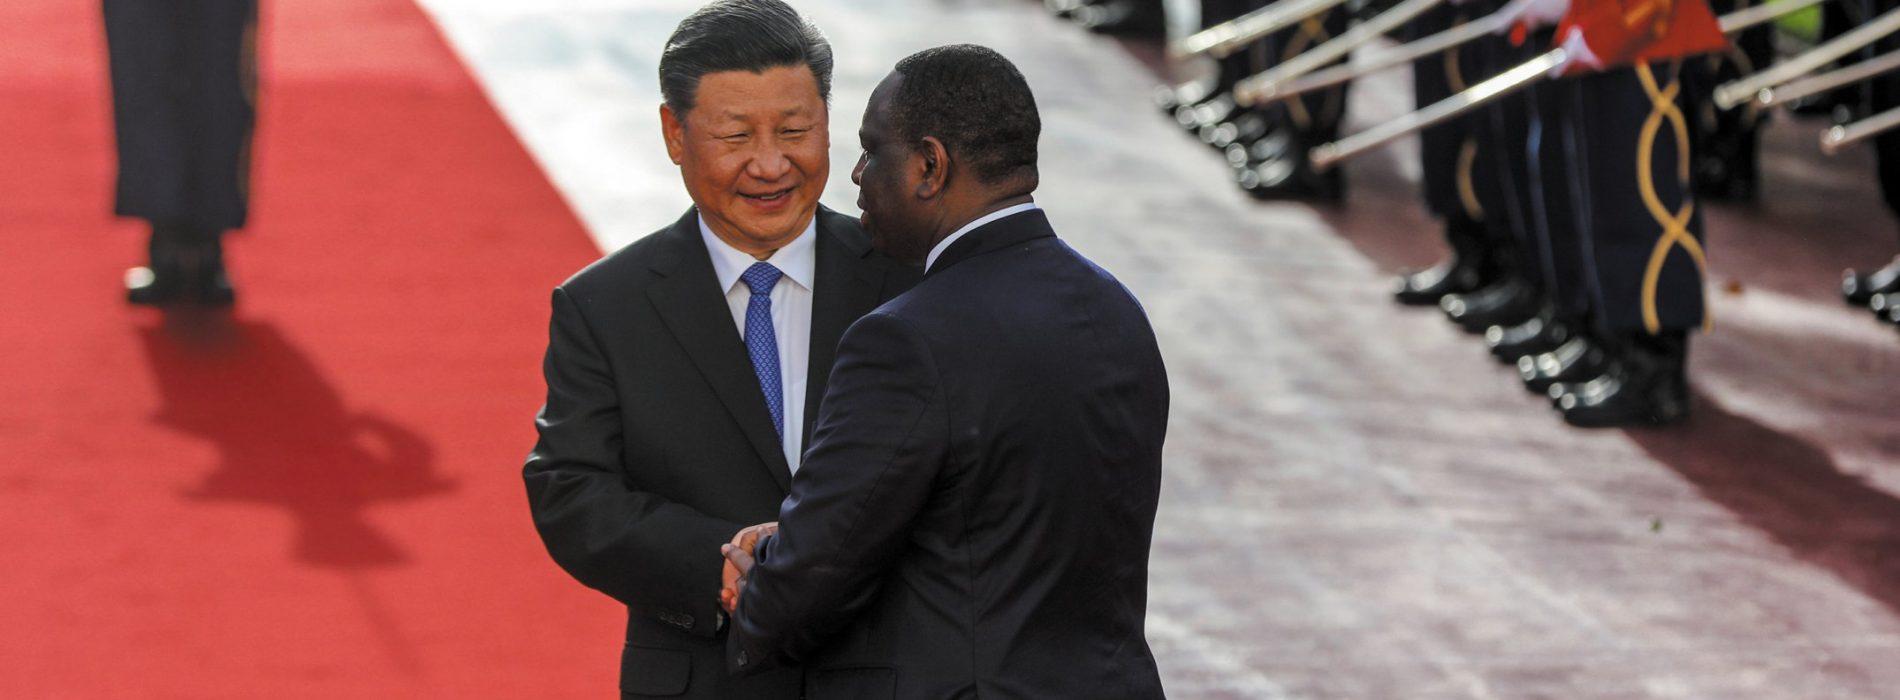 Africa: L'influenza cinese e la risposta del continente